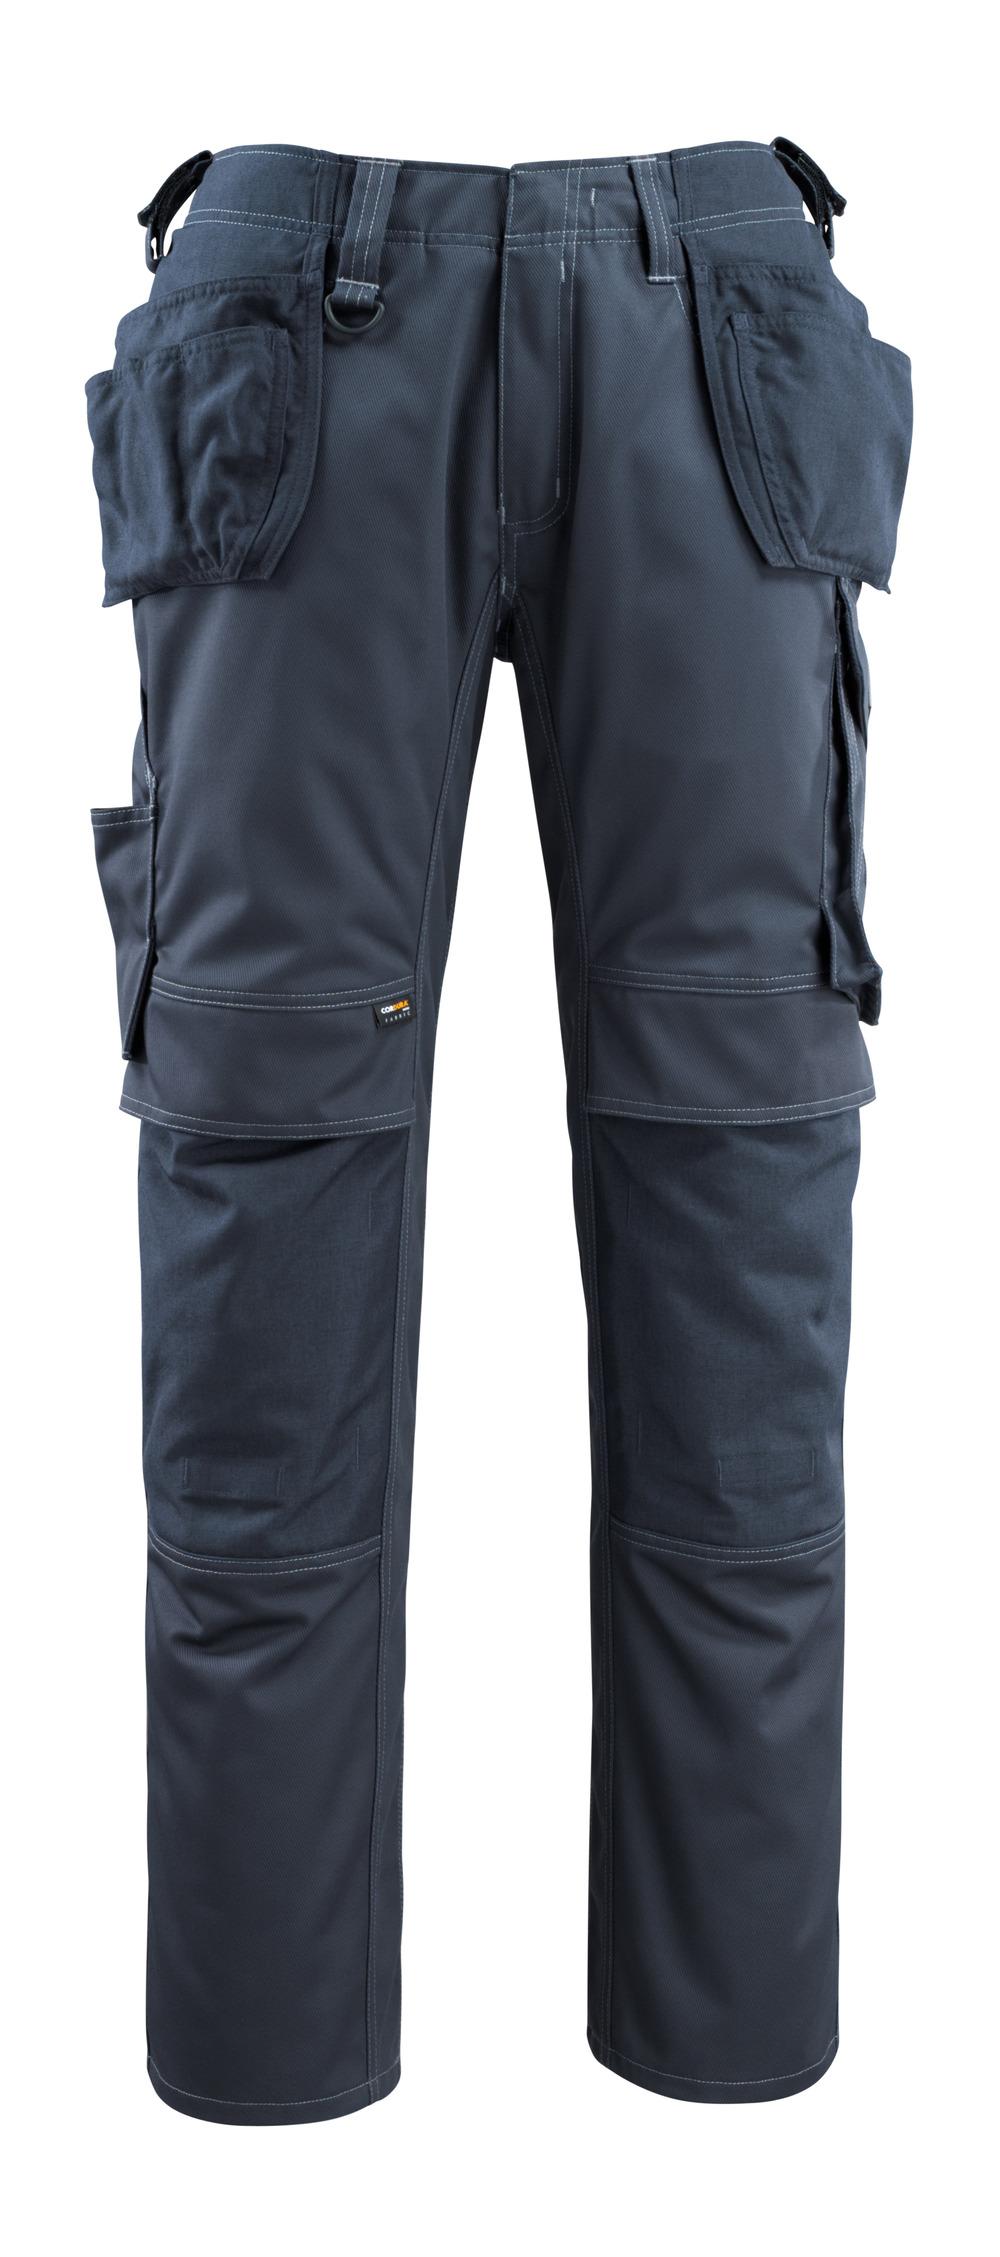 14131-203-010 Pantalon avec poches genouillères et poches flottantes - Marine foncé